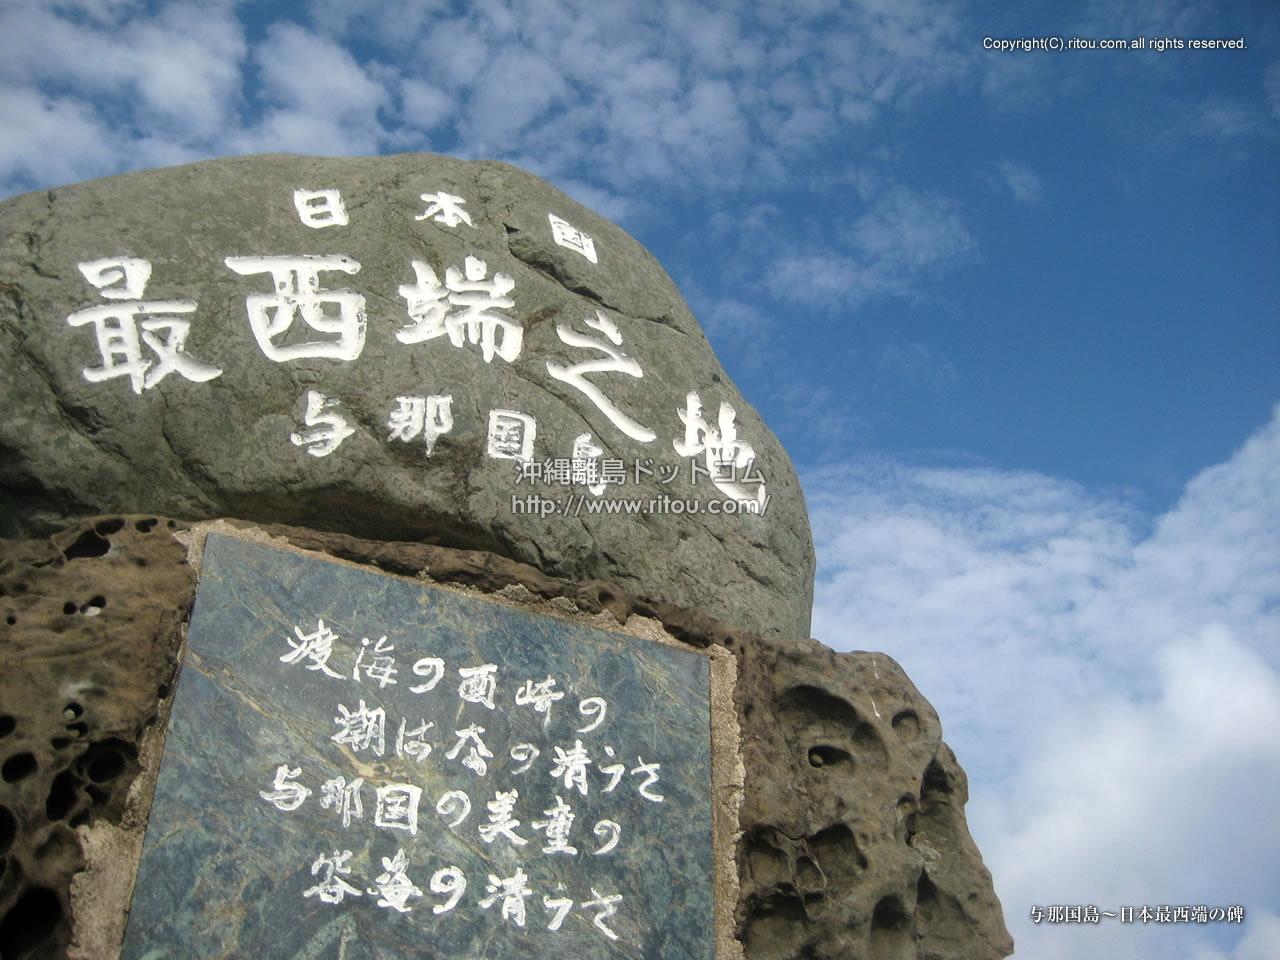 与那国島〜日本最西端の碑